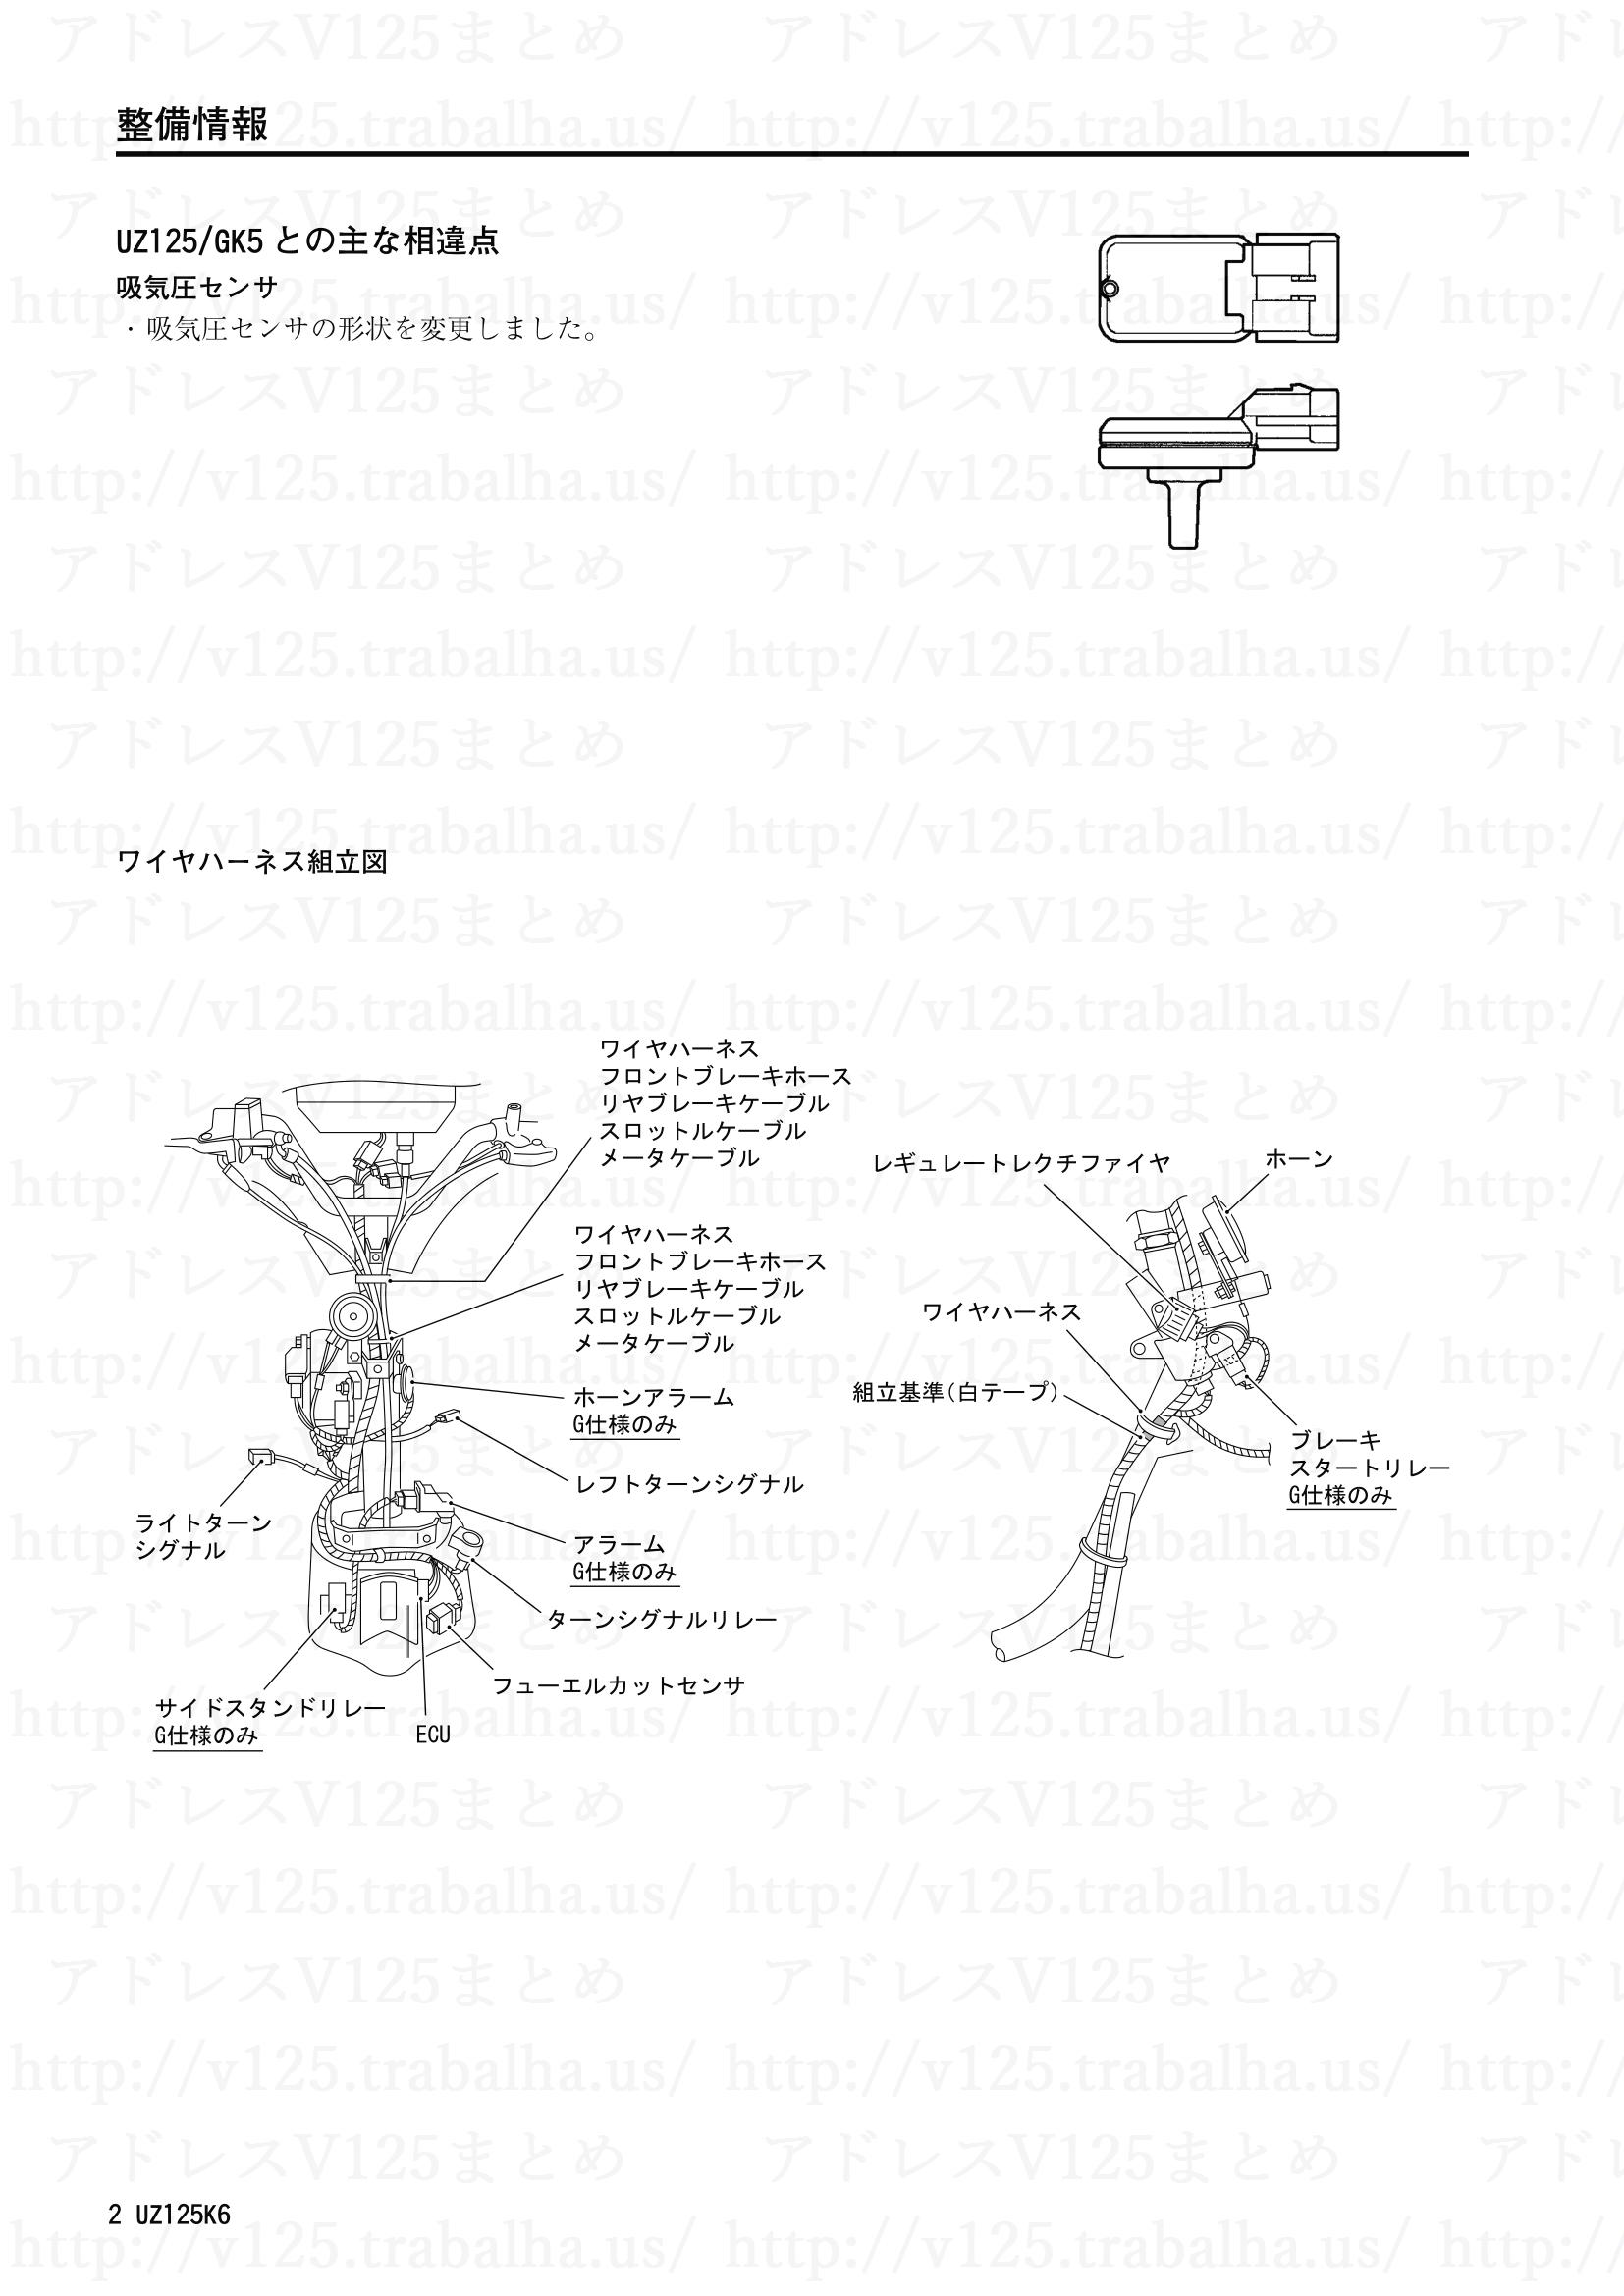 追補【UZ125/GK6】旧モデルとの主な相違点2